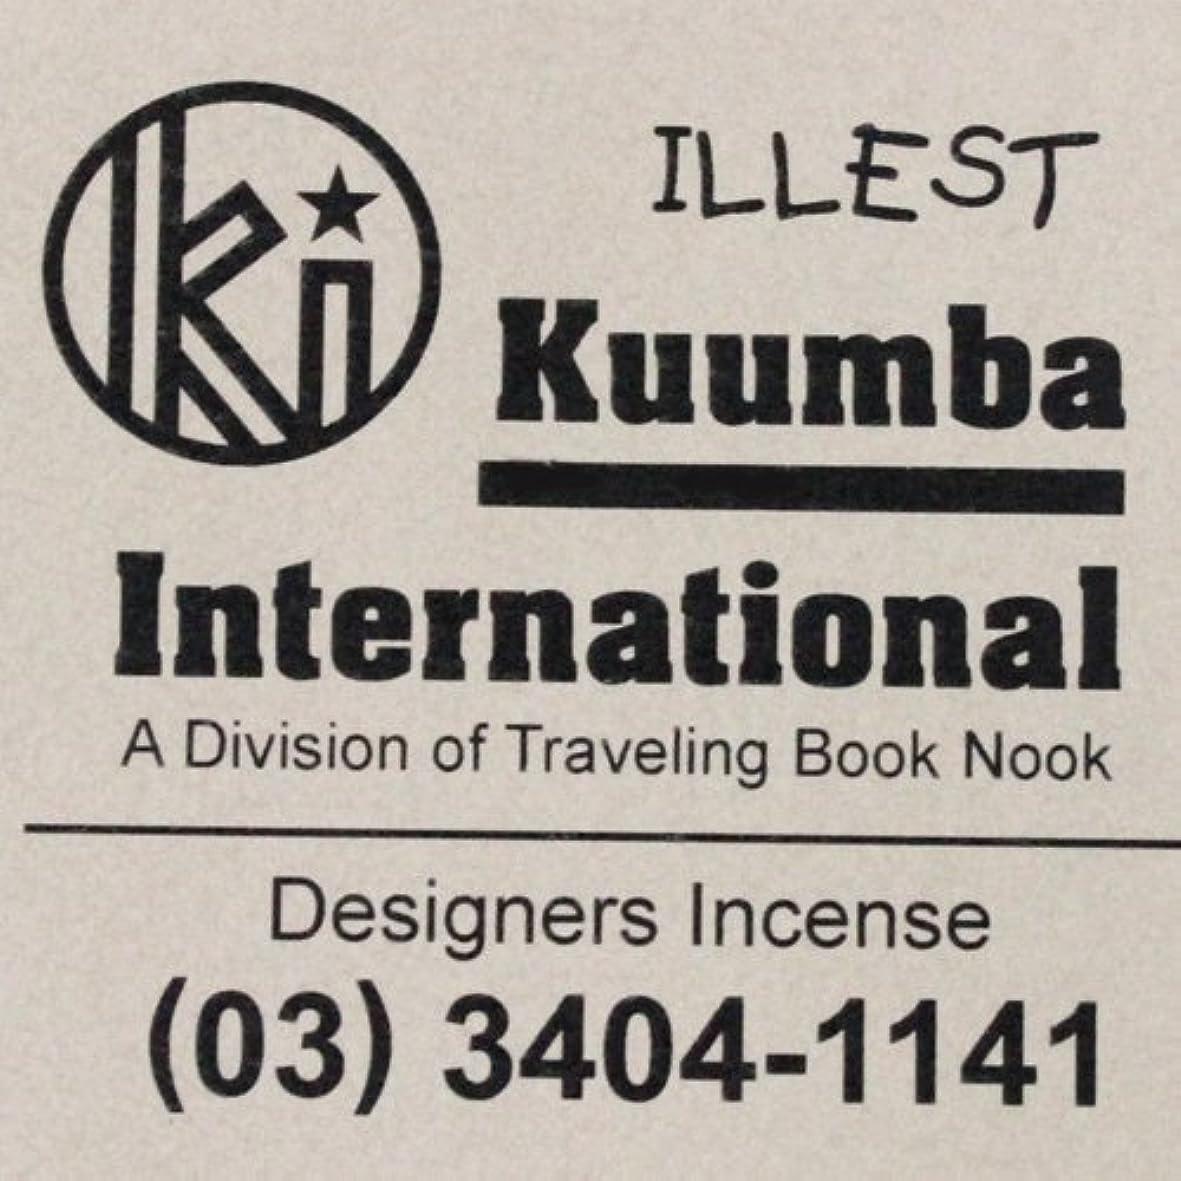 こどもセンタートレーダー日没Kuumba(クンバ)『incense』(ILLEST) (Regular size)